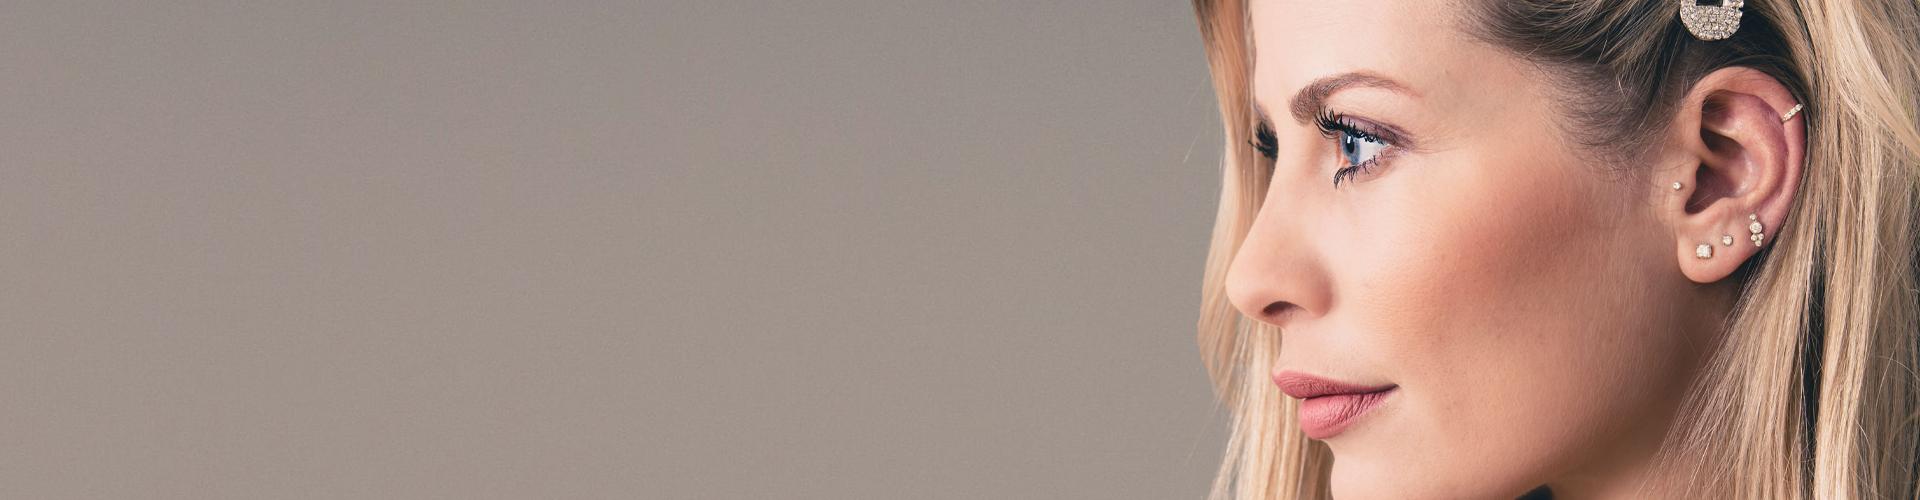 Piercing Oreille | Popart Piercing